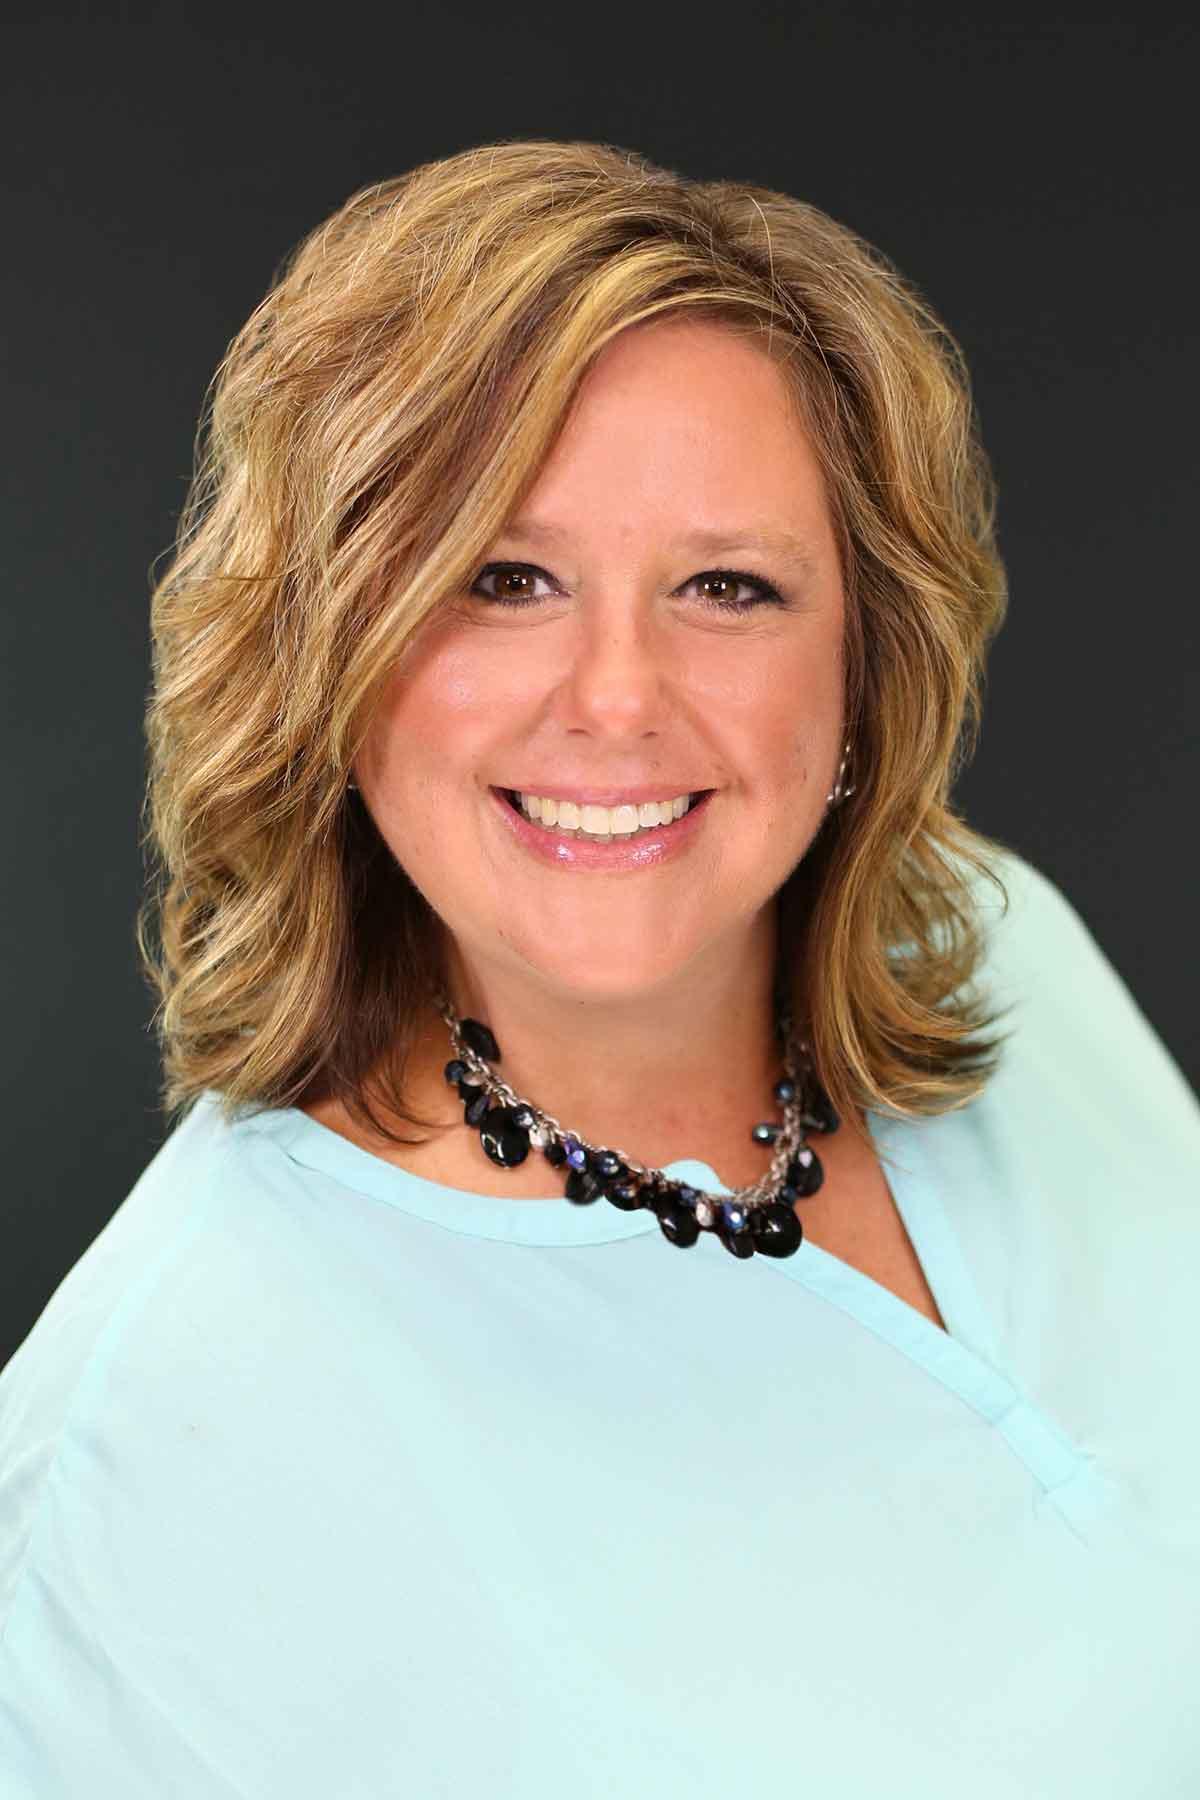 Michelle Wilder